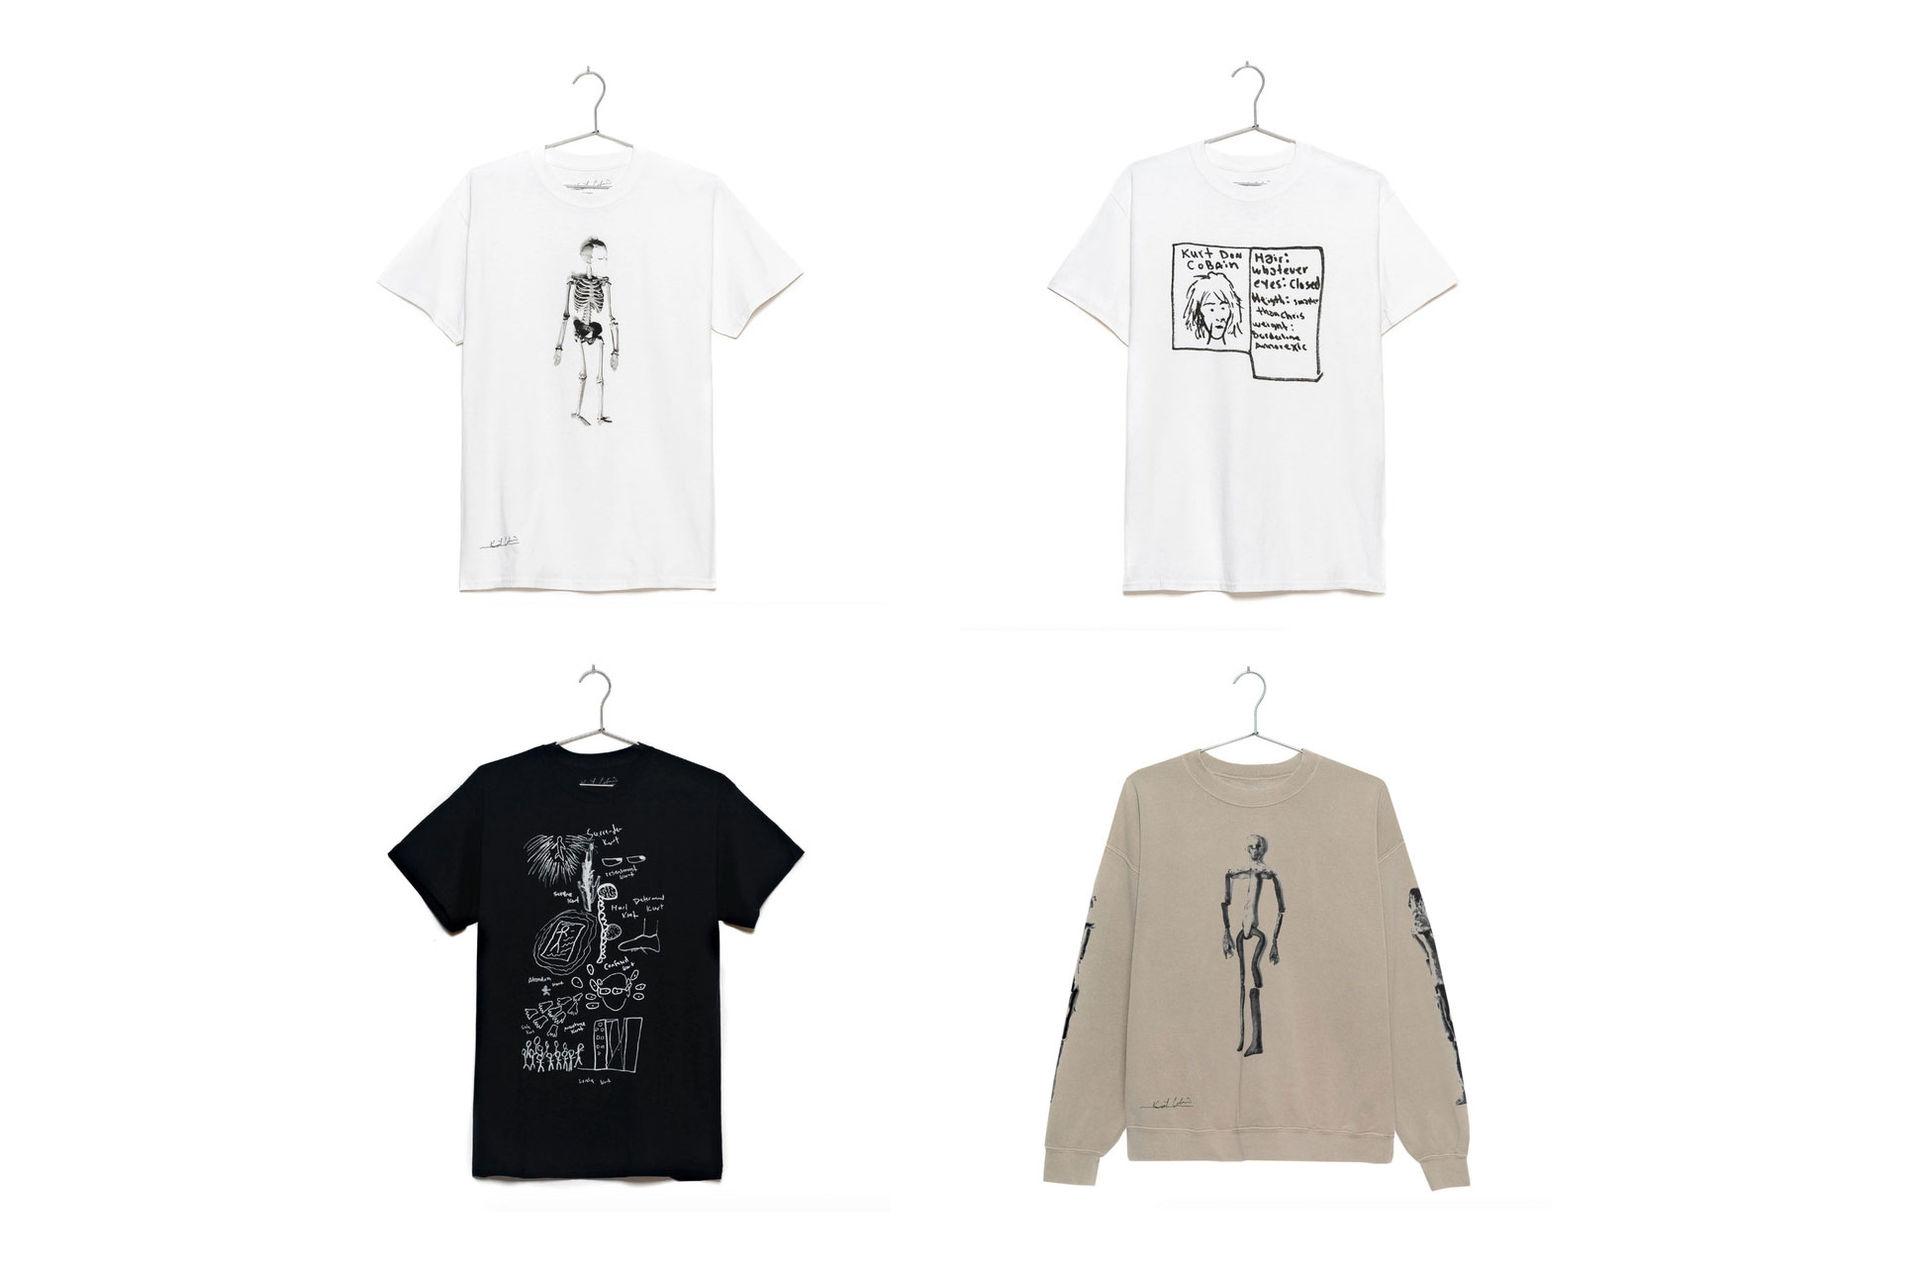 Kurt Cobains konst nu på t-shirts